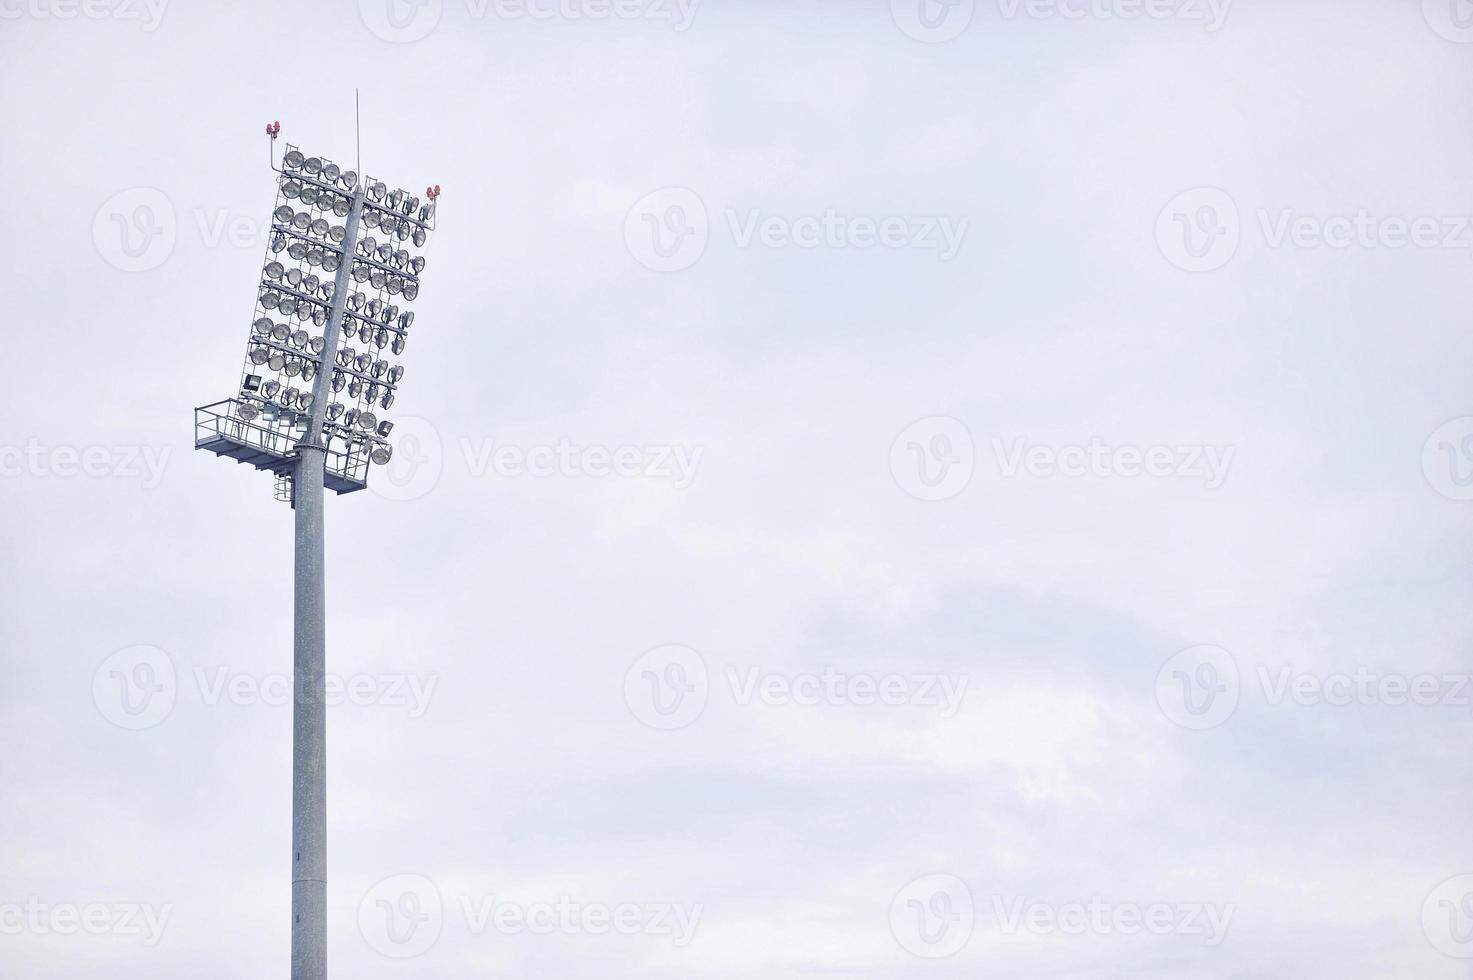 projecteurs d'arène de sports photo